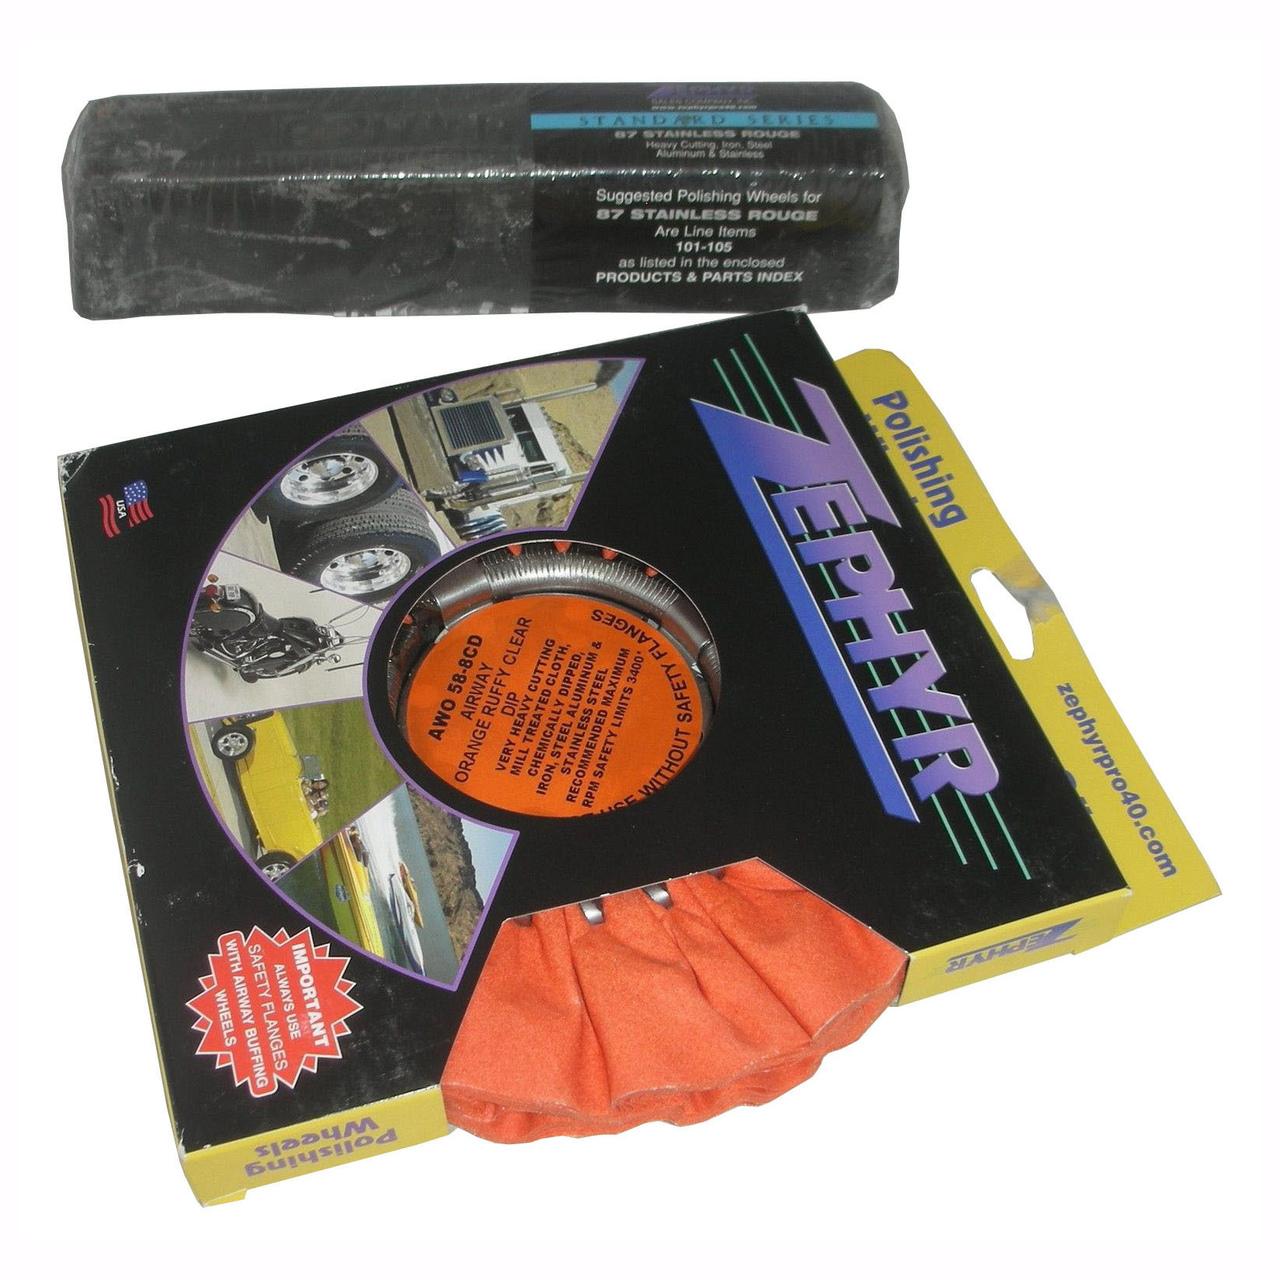 Zephyr Orange Polishing Wheel (AWO588CD) with JRGRY Stainless 87 Polishing Rouge